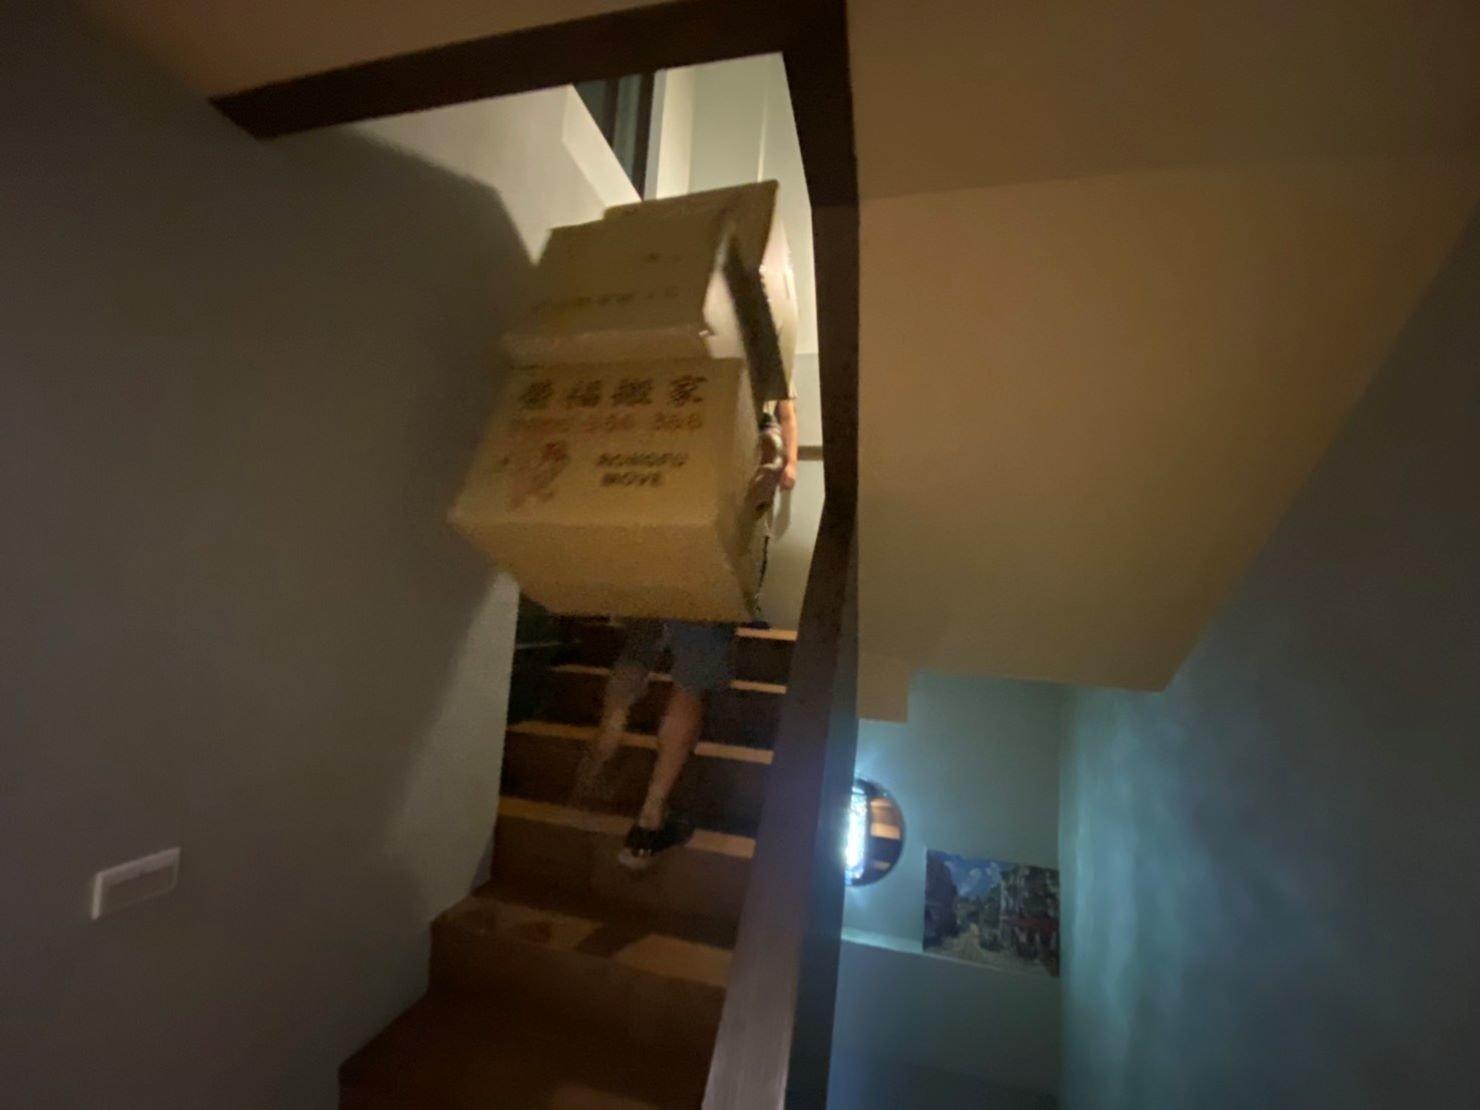 搬家公司推薦【榮福搬家】搬遷好品質值得您的信賴與選擇:師傅們將箱子搬至龍潭住處3樓樓梯來回搬運。